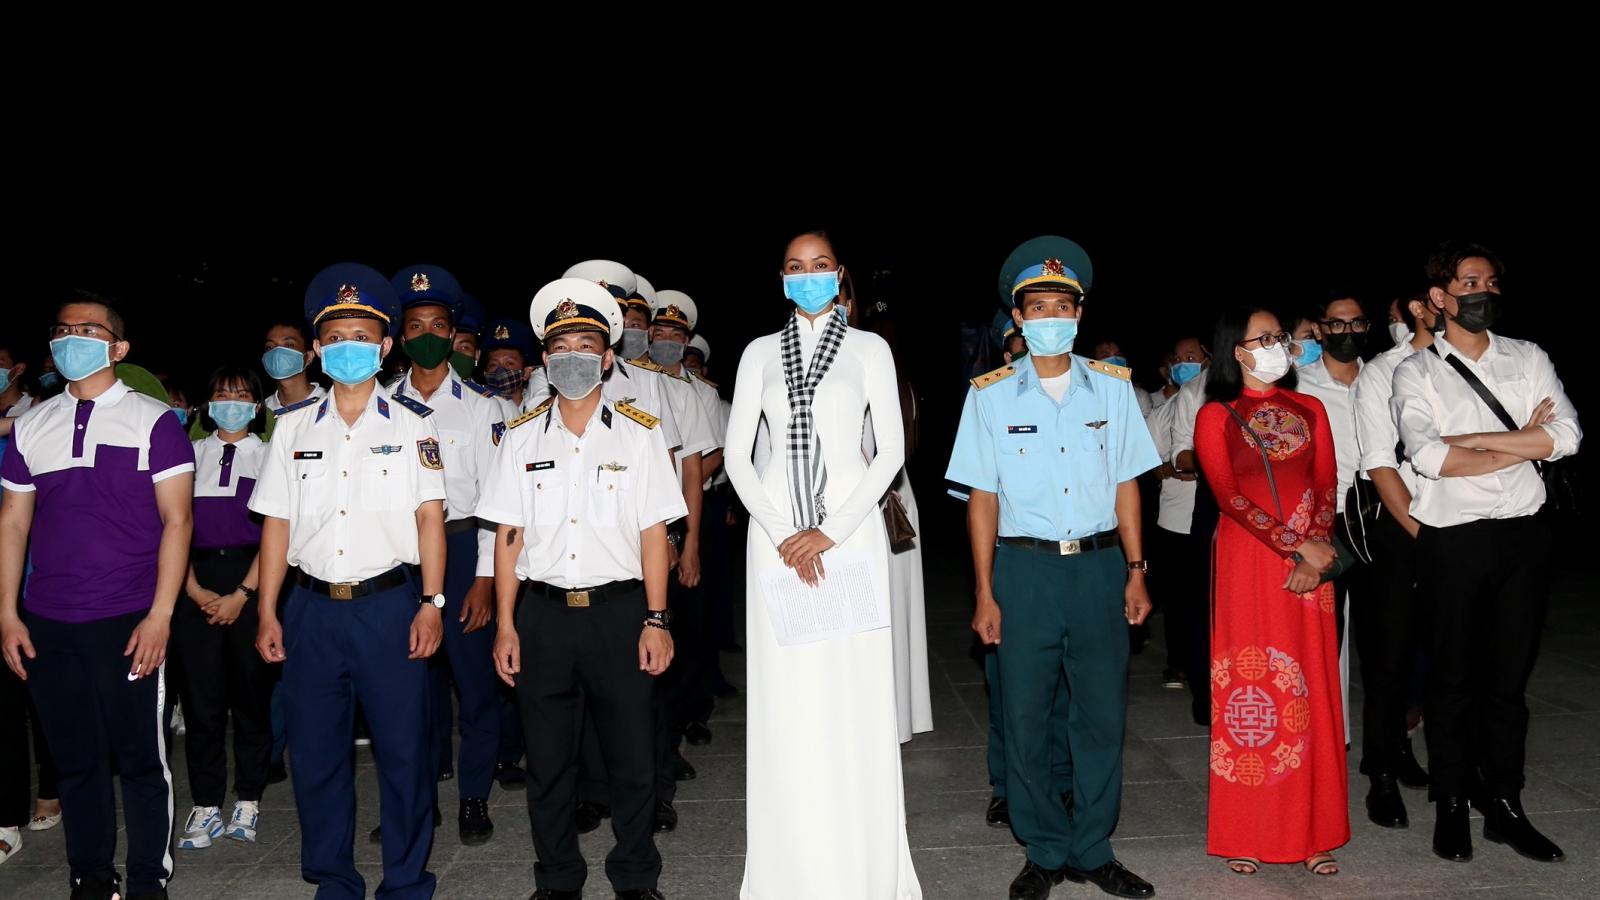 Hoa hậu H'Hen Niê xúc động, tri ân các anh hùng chiến sĩ tại Côn Đảo